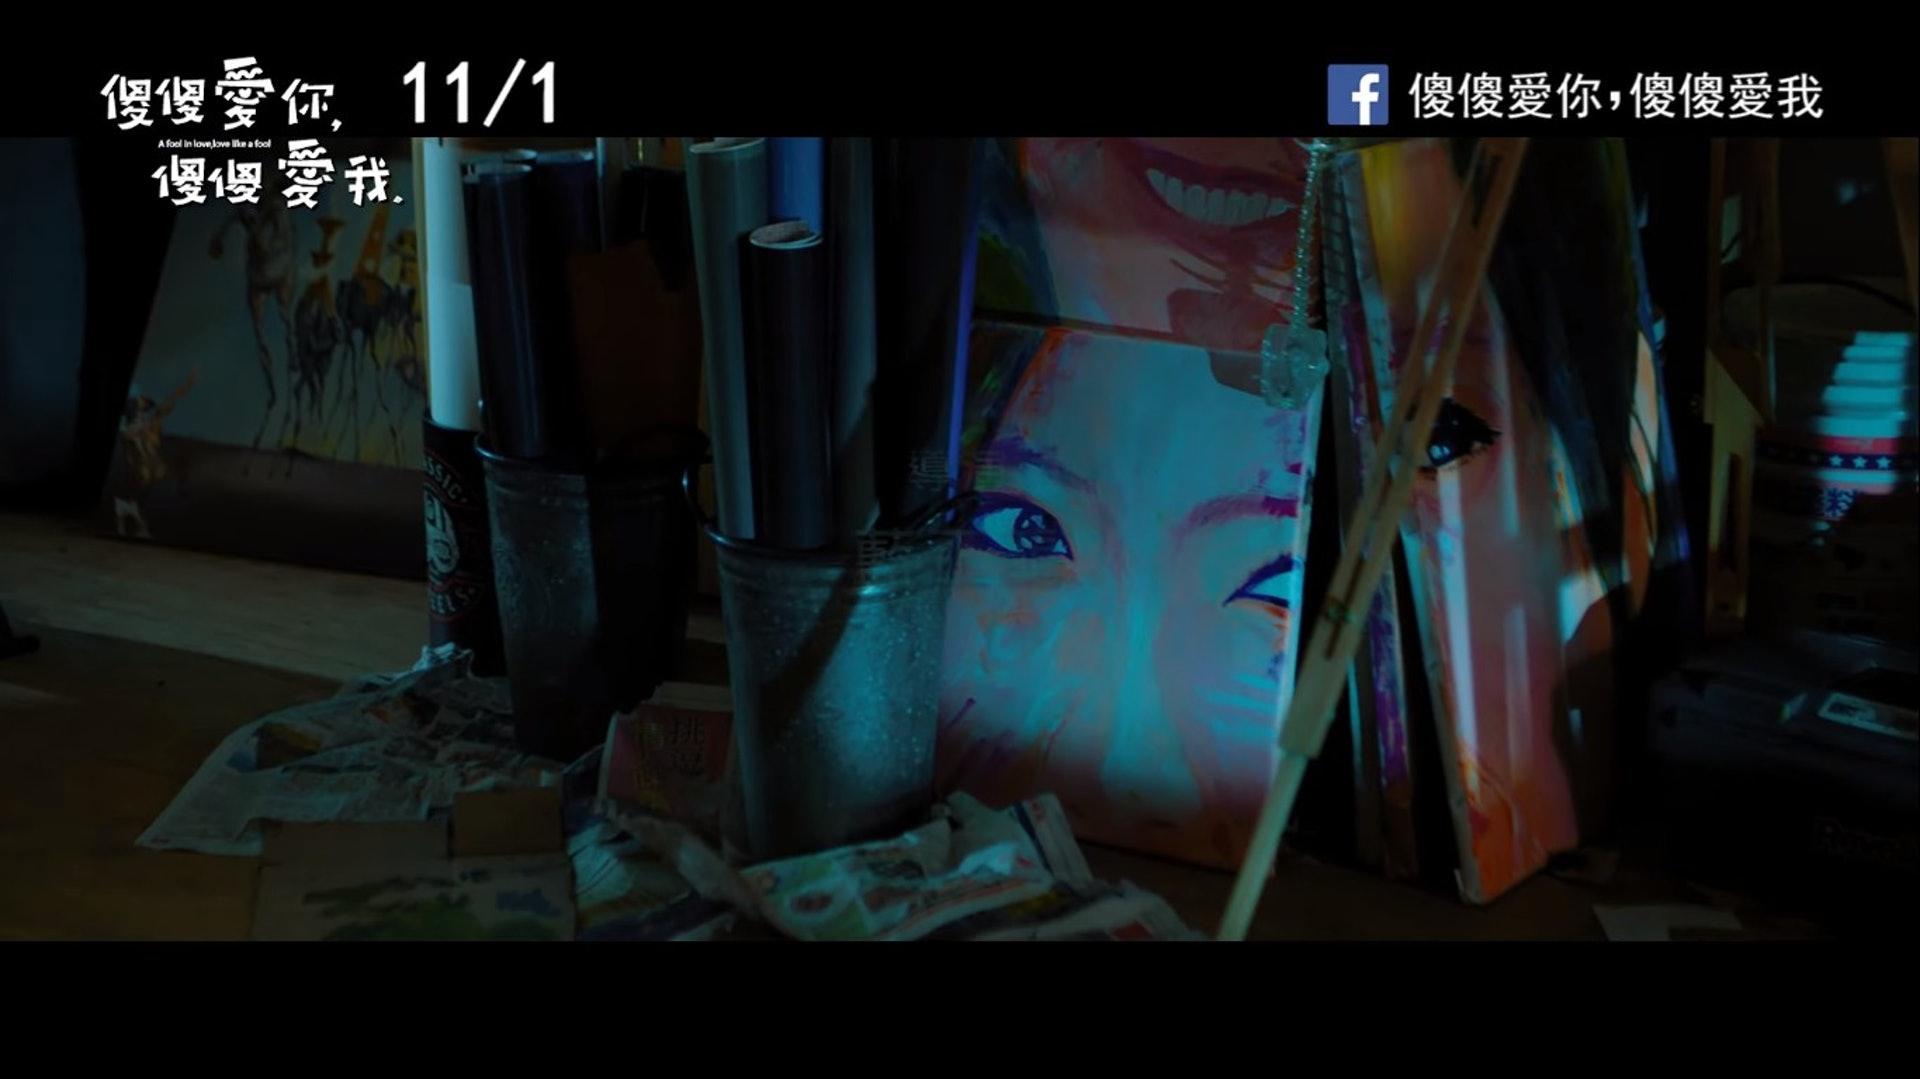 電影由金鐘視帝藍正龍執導。(電影《傻傻愛你,傻傻愛我》預告)